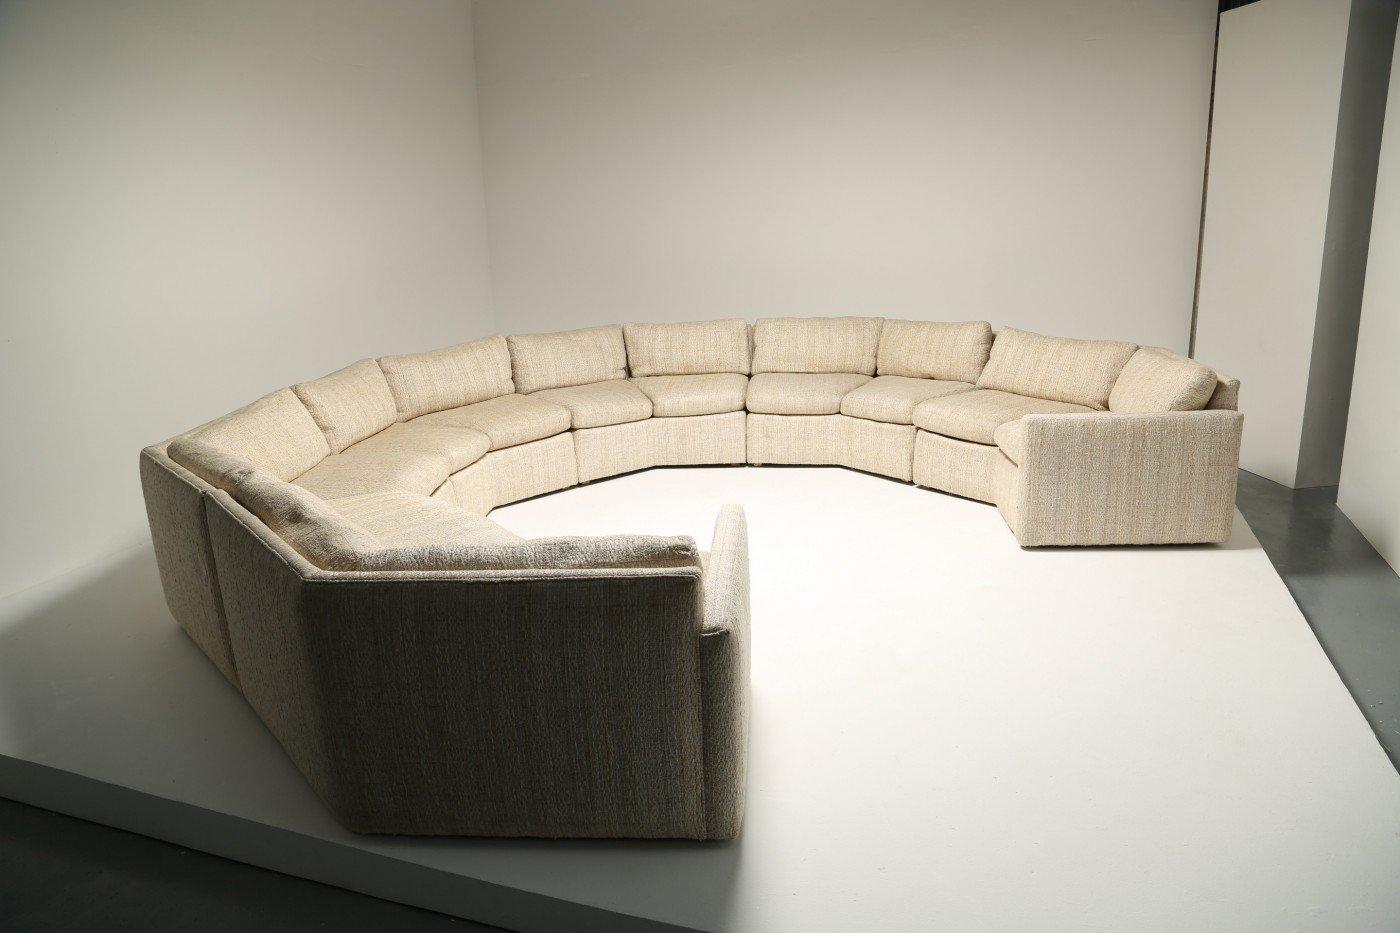 Vintage Tweed Sectional Sofa